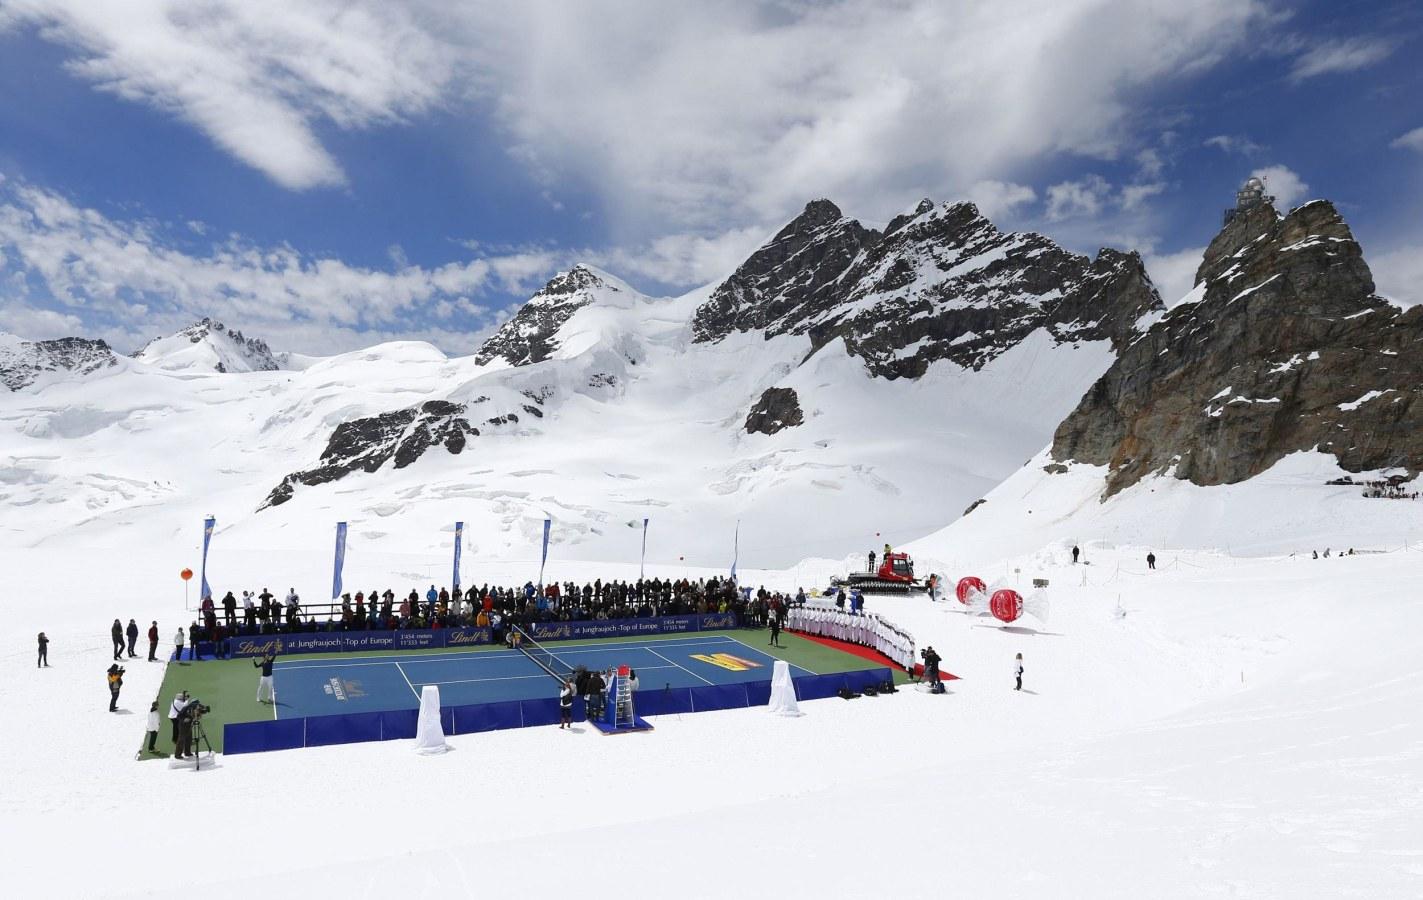 http://media3.s-nbcnews.com/j/newscms/2014_29/568511/pc-140717-alpine-tennis-7a_c4e9e61b17ff1c6c9b09114031937c10.nbcnews-ux-1440-900.jpg